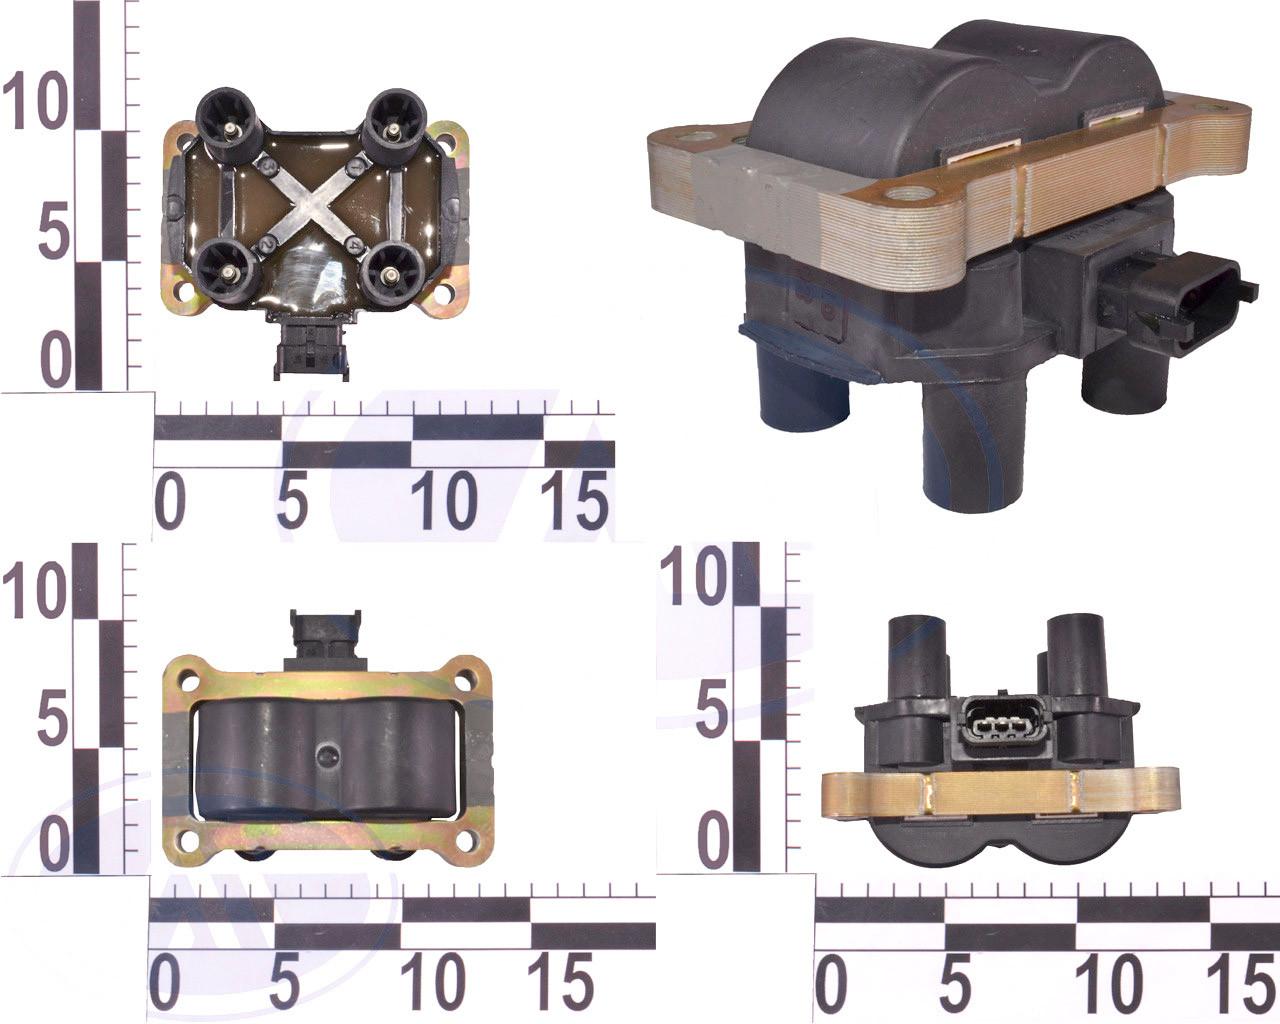 Катушка зажигания ВАЗ 2170, 2171, 2172 Приора инжектор дв 1,5 1,6-8-клап (46.01.3705). 21110-3705010-10 (МЗАТЭ-2)